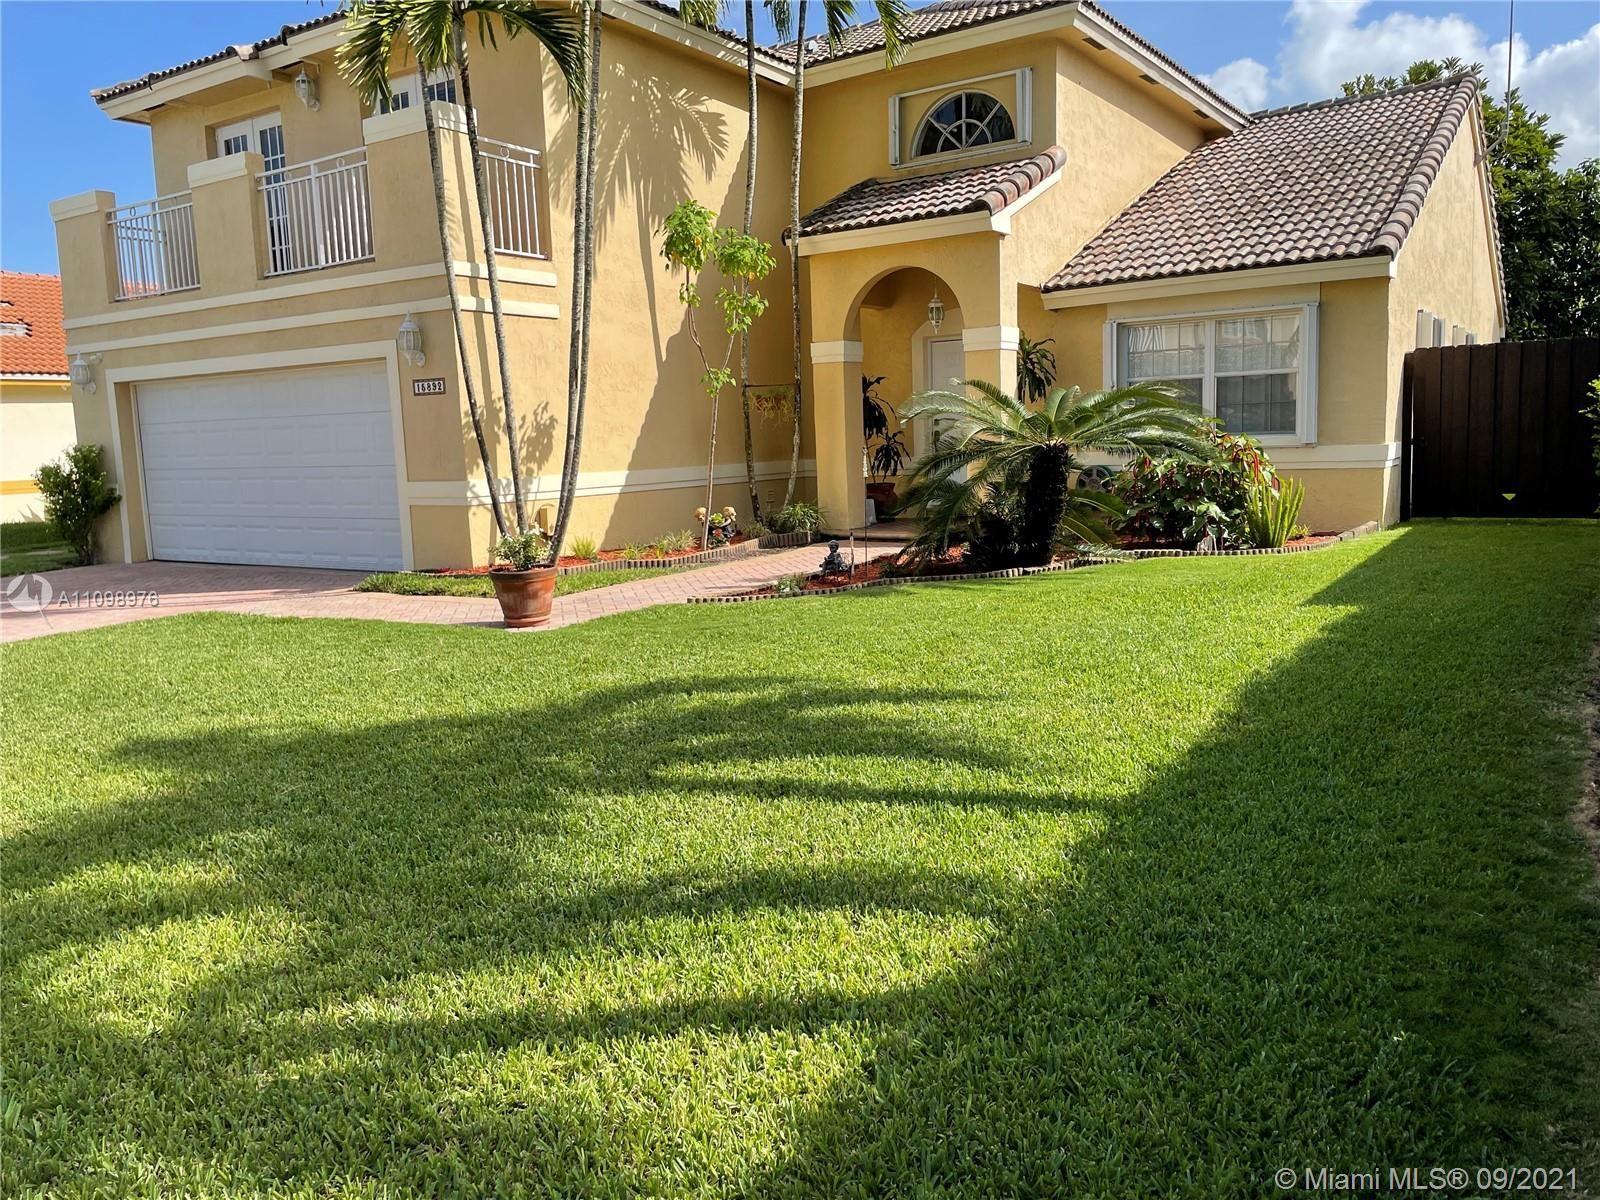 15892 SW 78th St, Miami, FL 33193 - #: A11098976